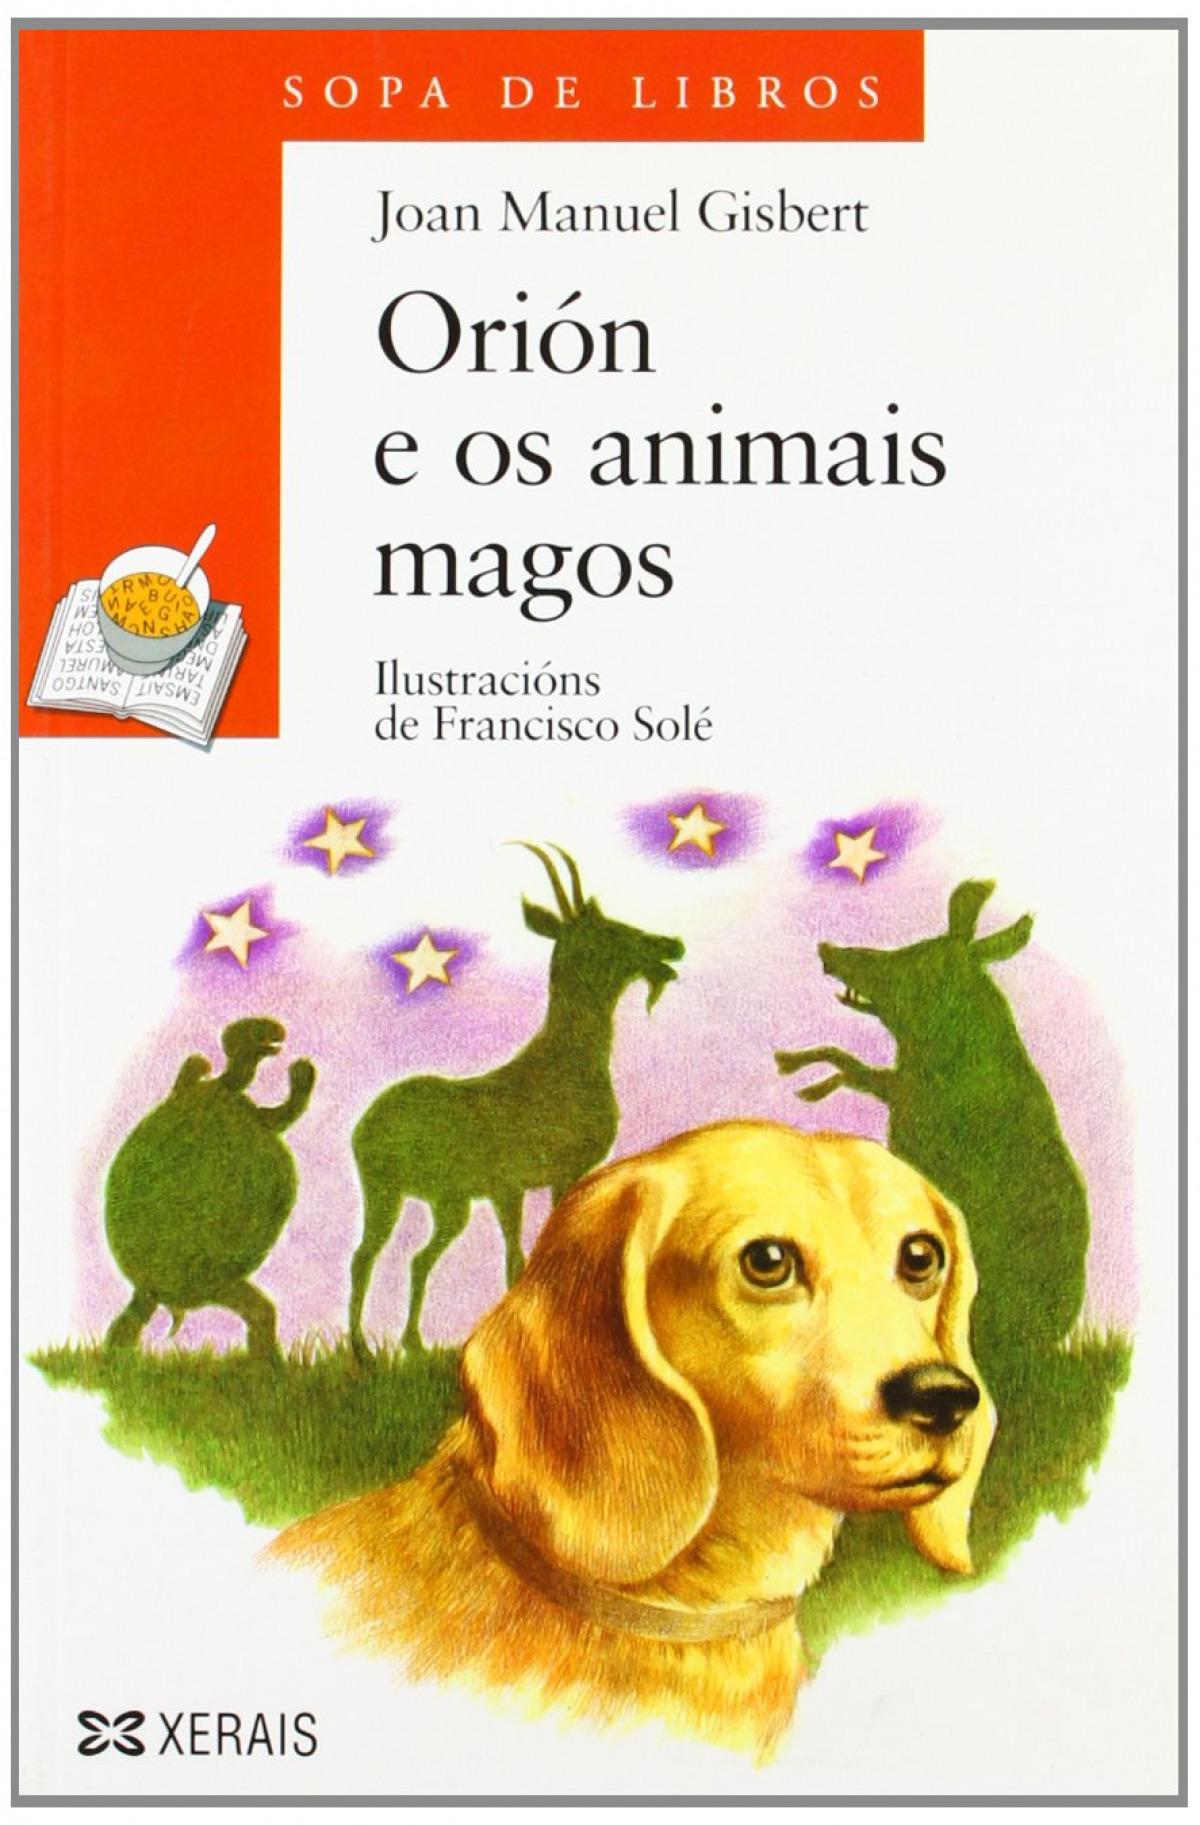 Orión e os animais magos - Gisbert, Joan Manuel